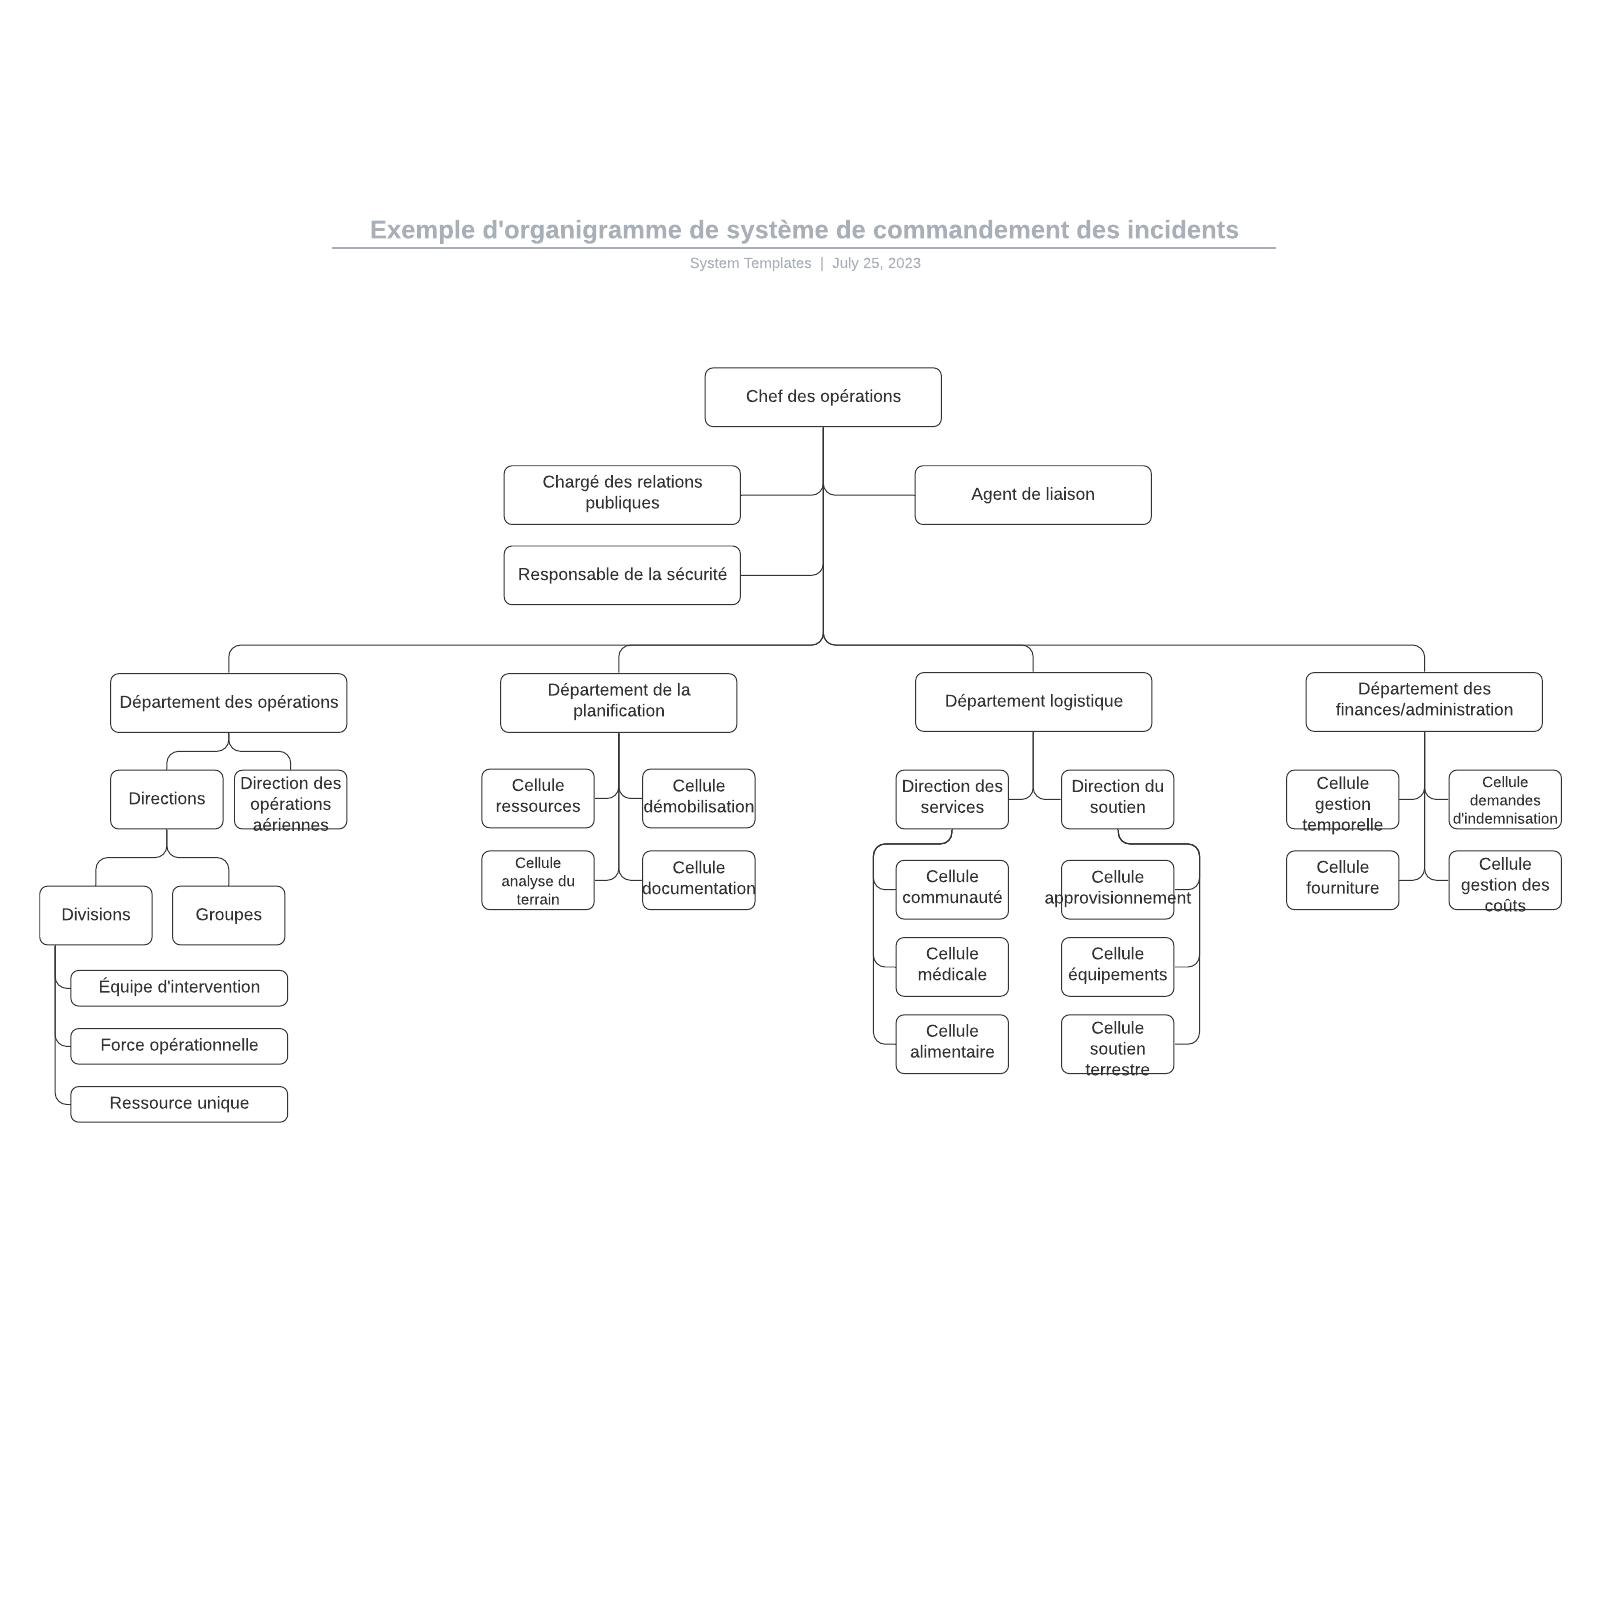 exemple d'organigramme de système de commandement des incidents